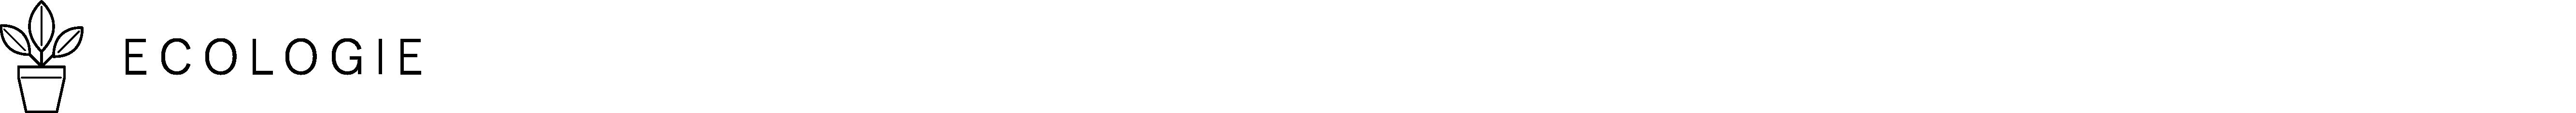 pictoeco1